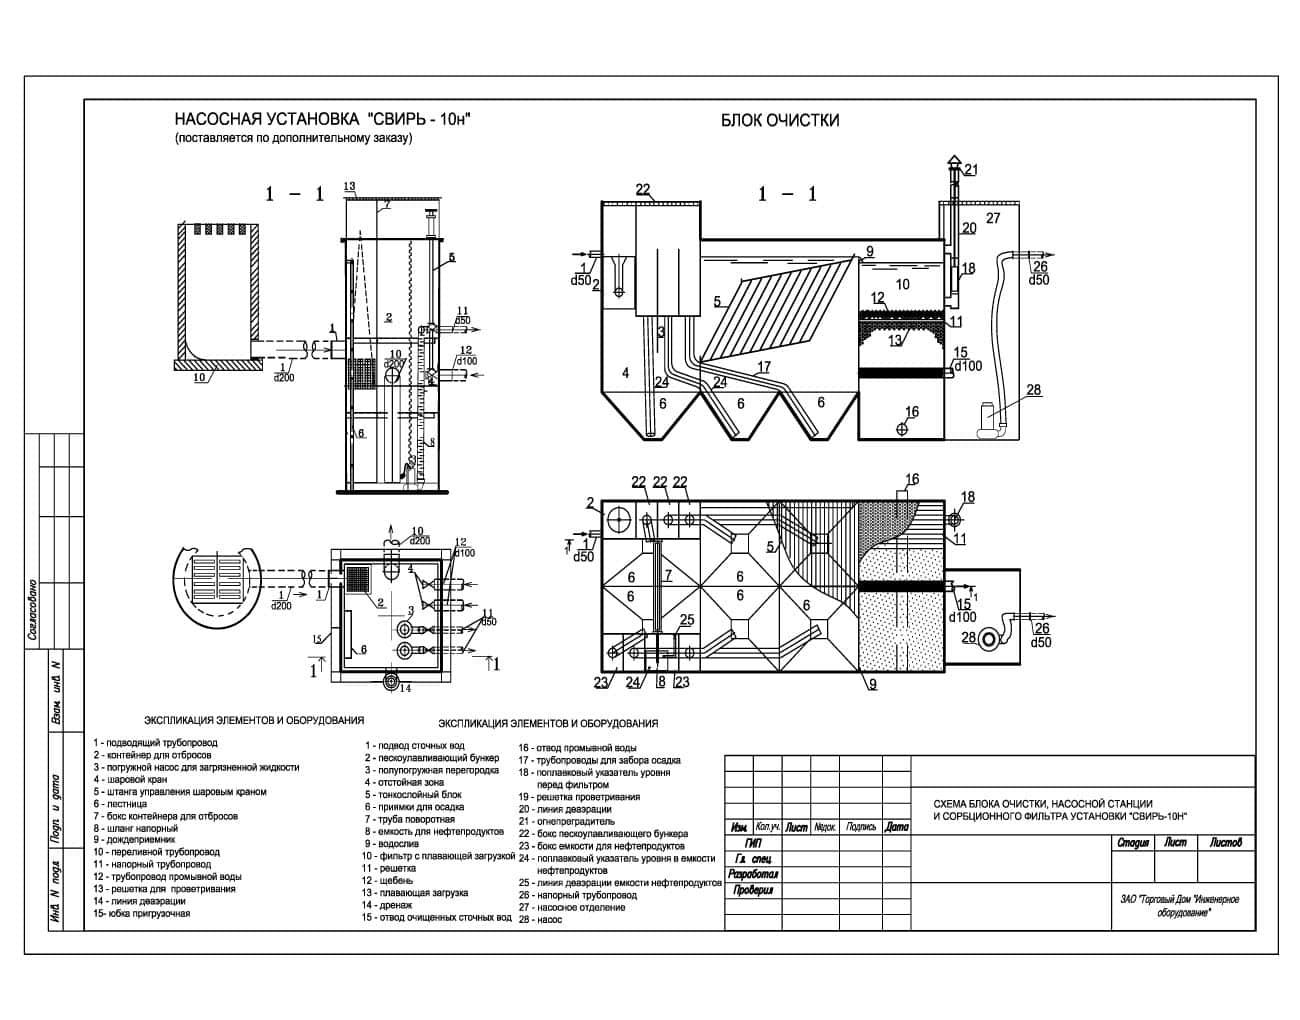 Очистное сооружение Свирь-10Н